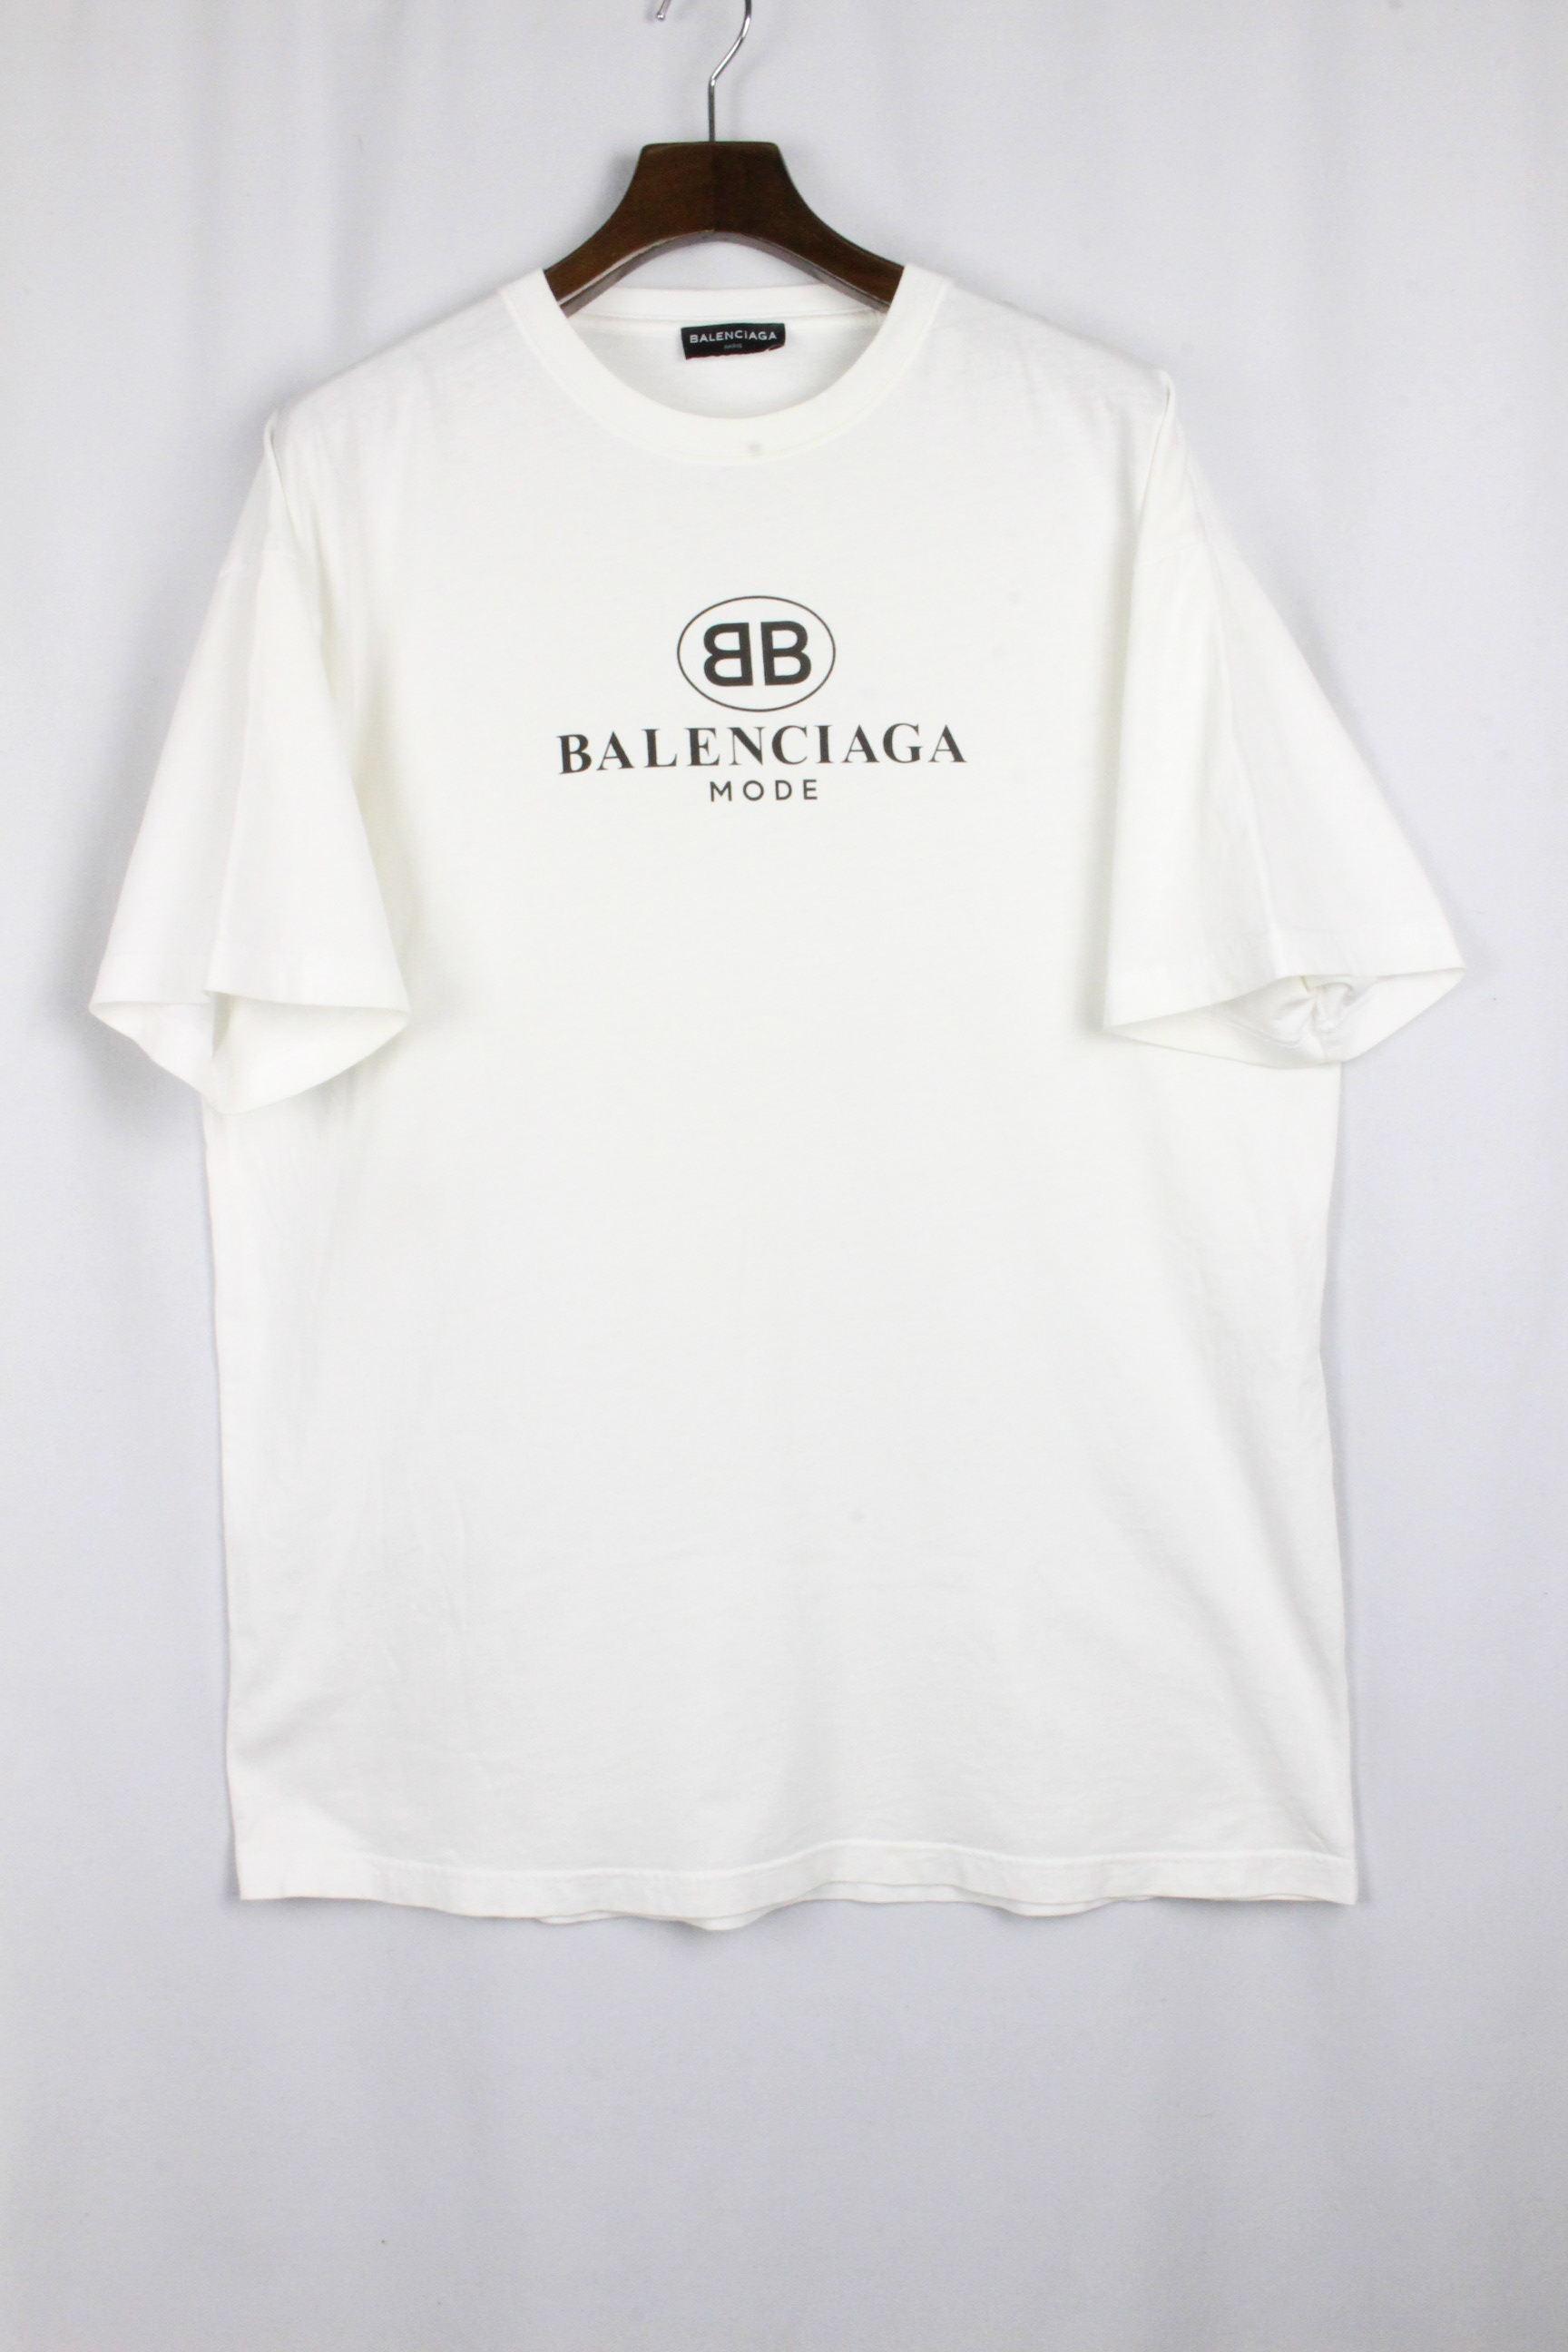 バレンシアガ [ BALENCIAGA ] オーバーサイズ ロゴ Tシャツ ホワイト 白 半袖 SIZE[S] メンズ トップス カットソー